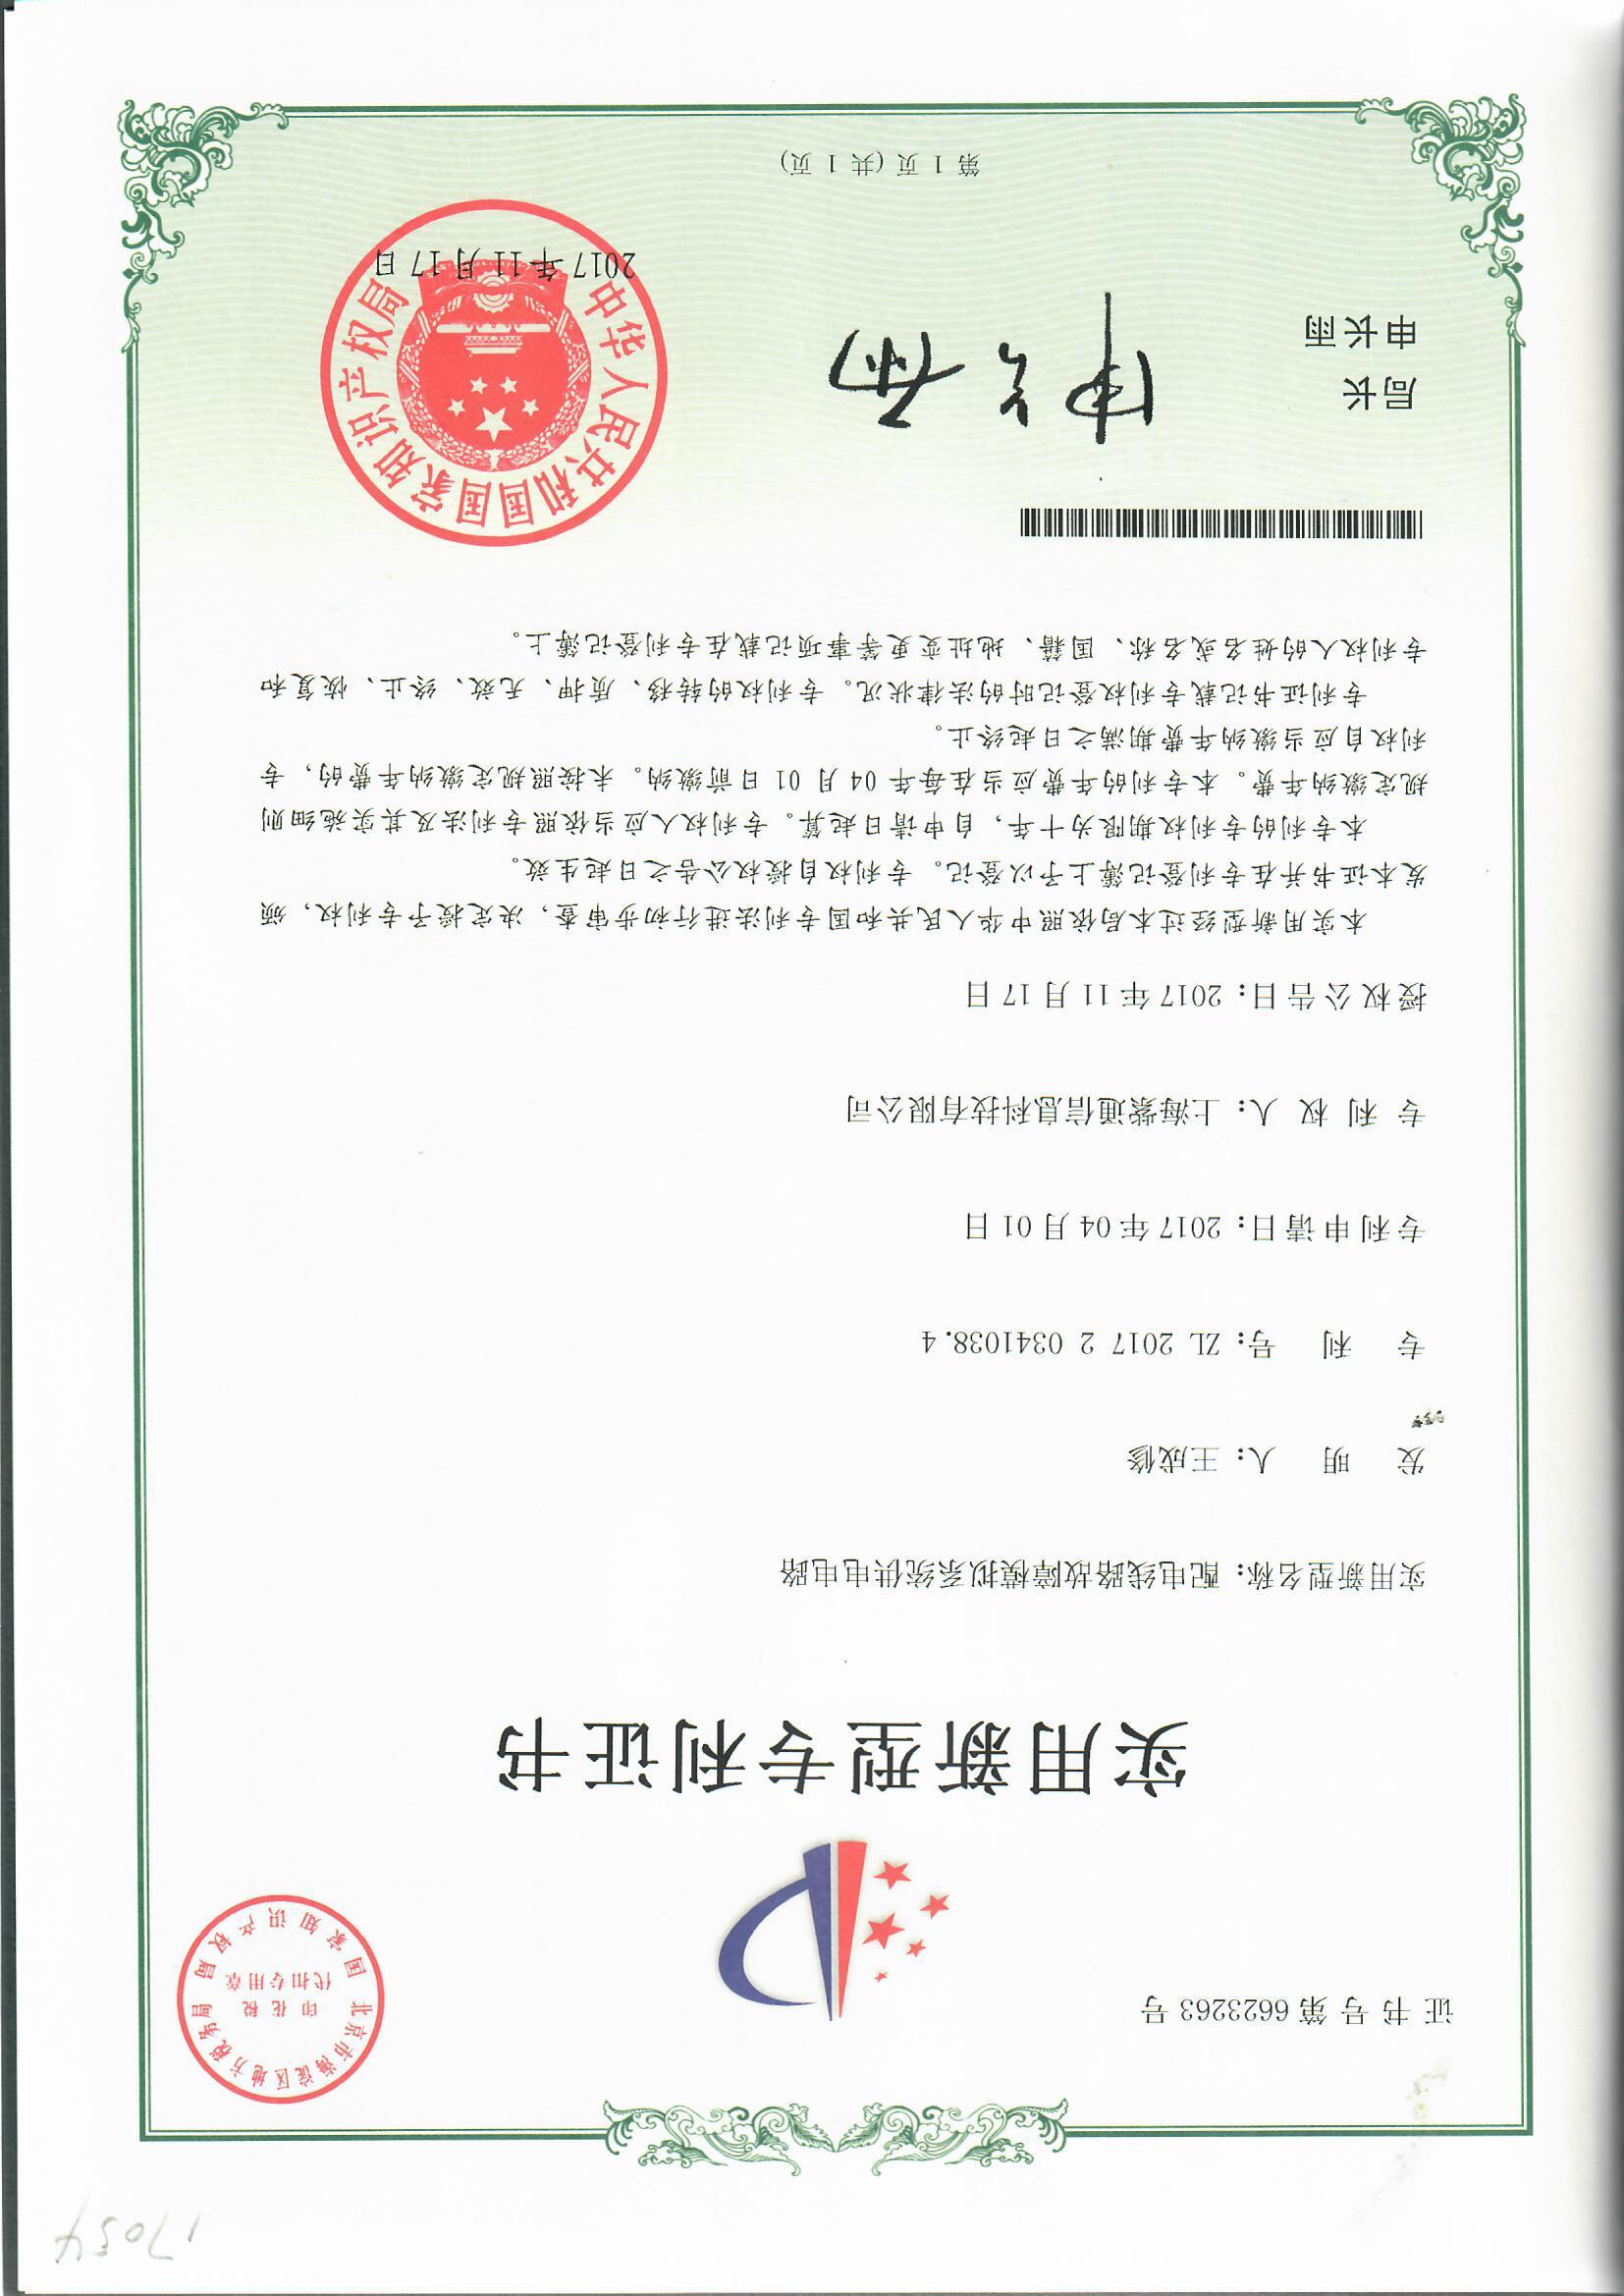 配电线路故障模拟系统供电电路实用新型专利证书